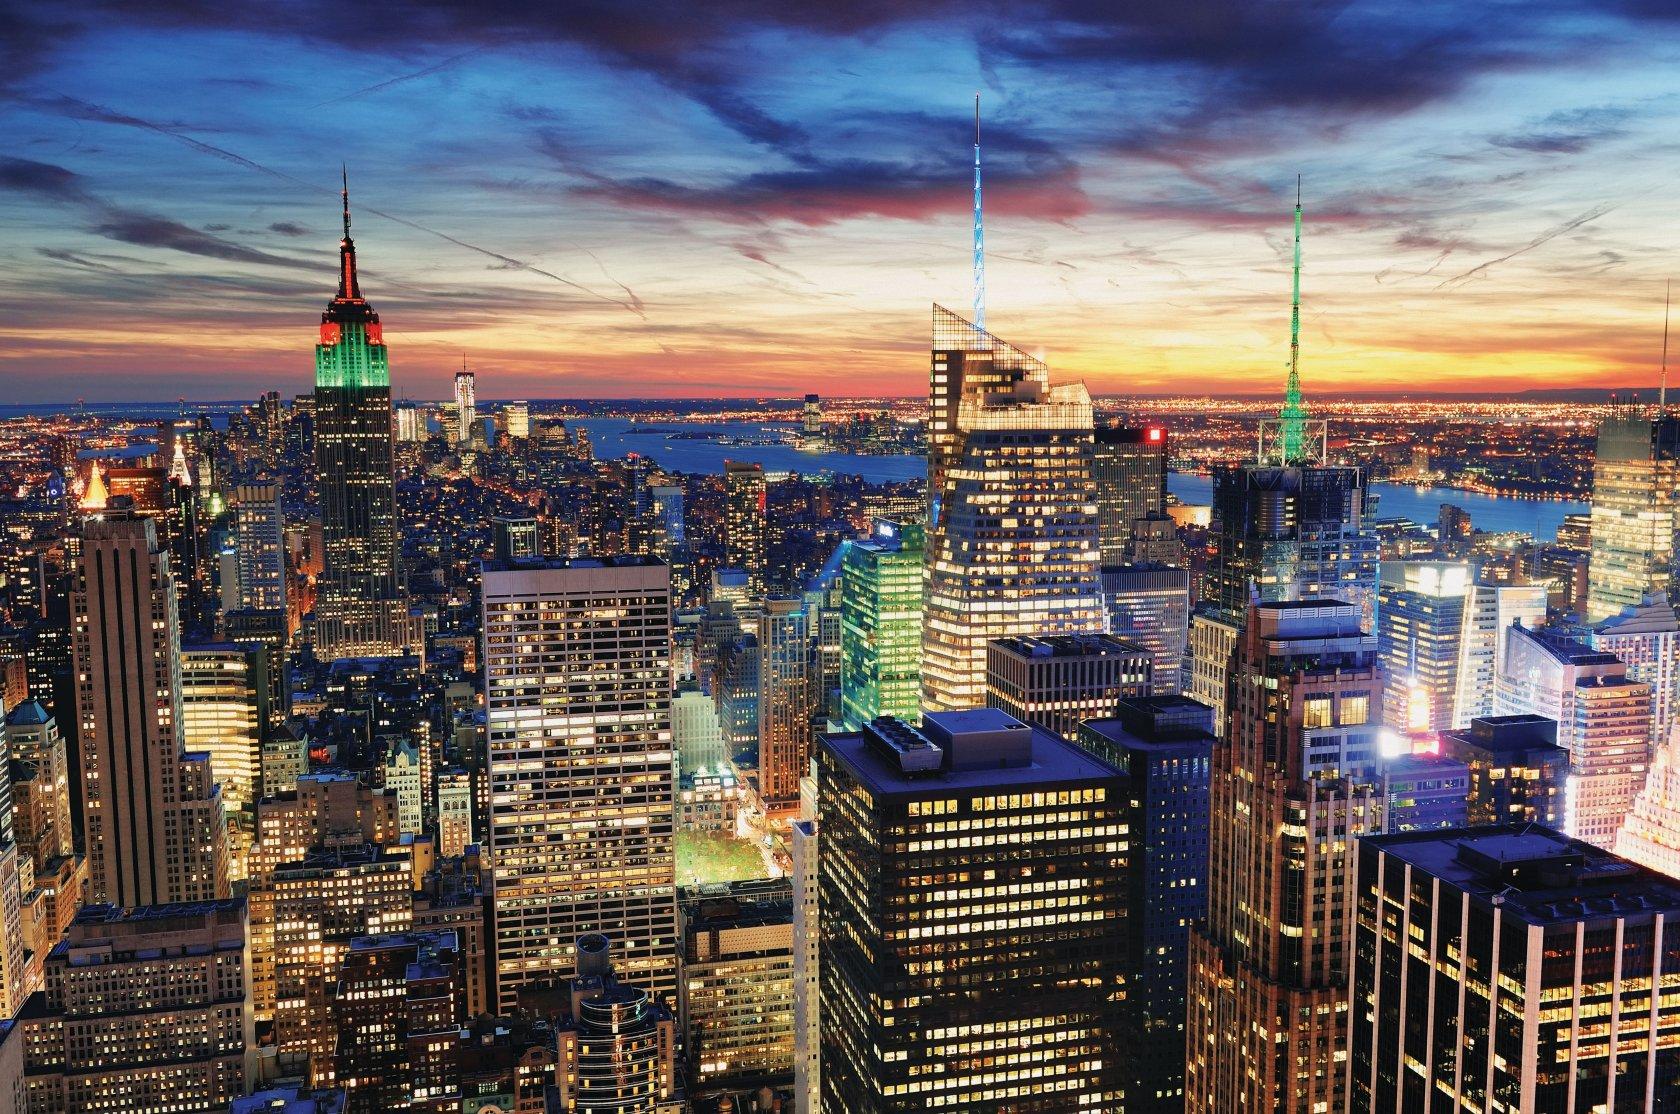 Обои на рабочий стол панорама города могут выбрать